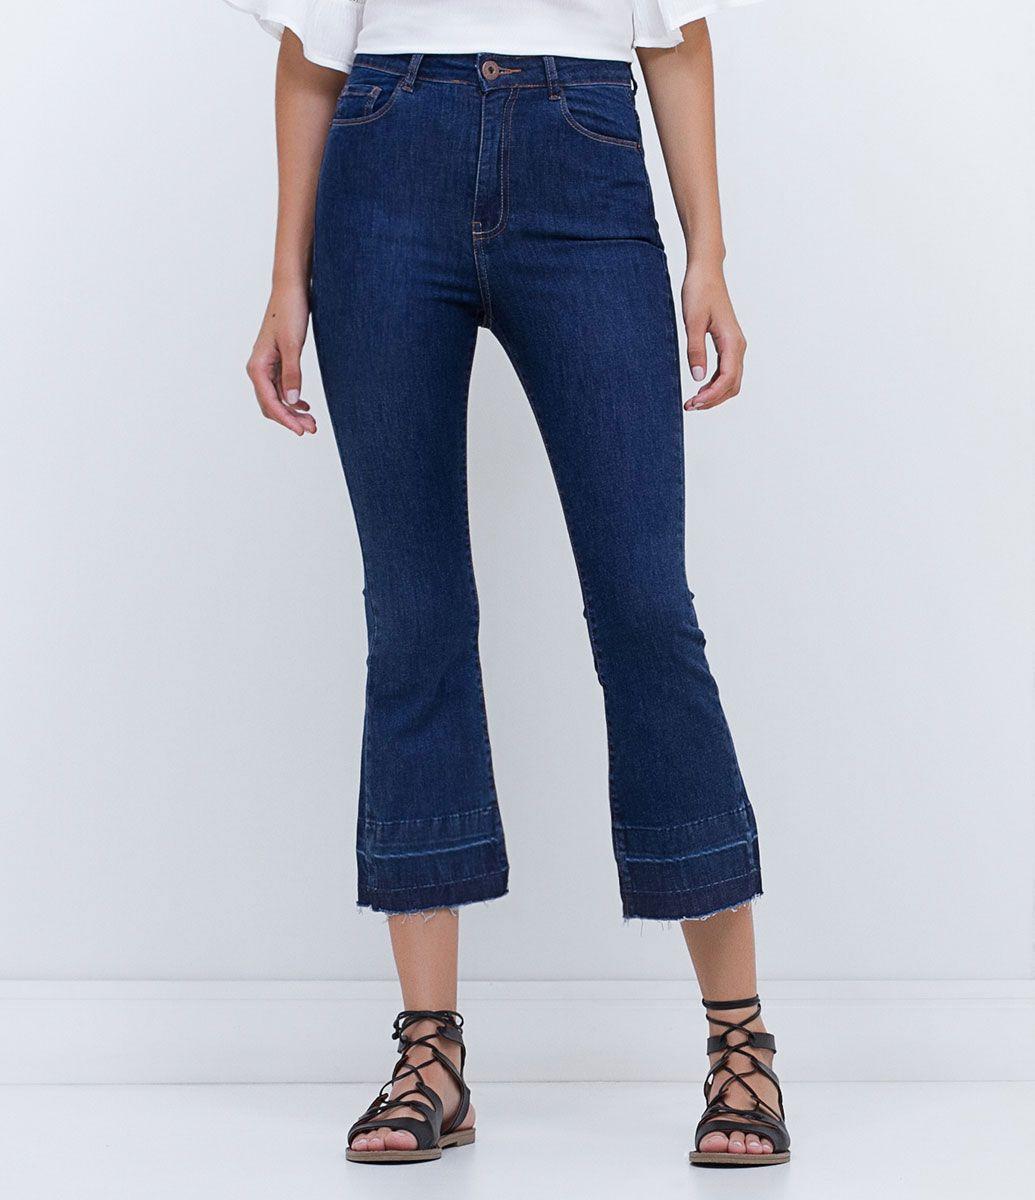 0c7cd4284 Calça feminina Modelo cropped Flare Cintura alta Marca  Blue Steel Tecido  jeans  elastano Composição